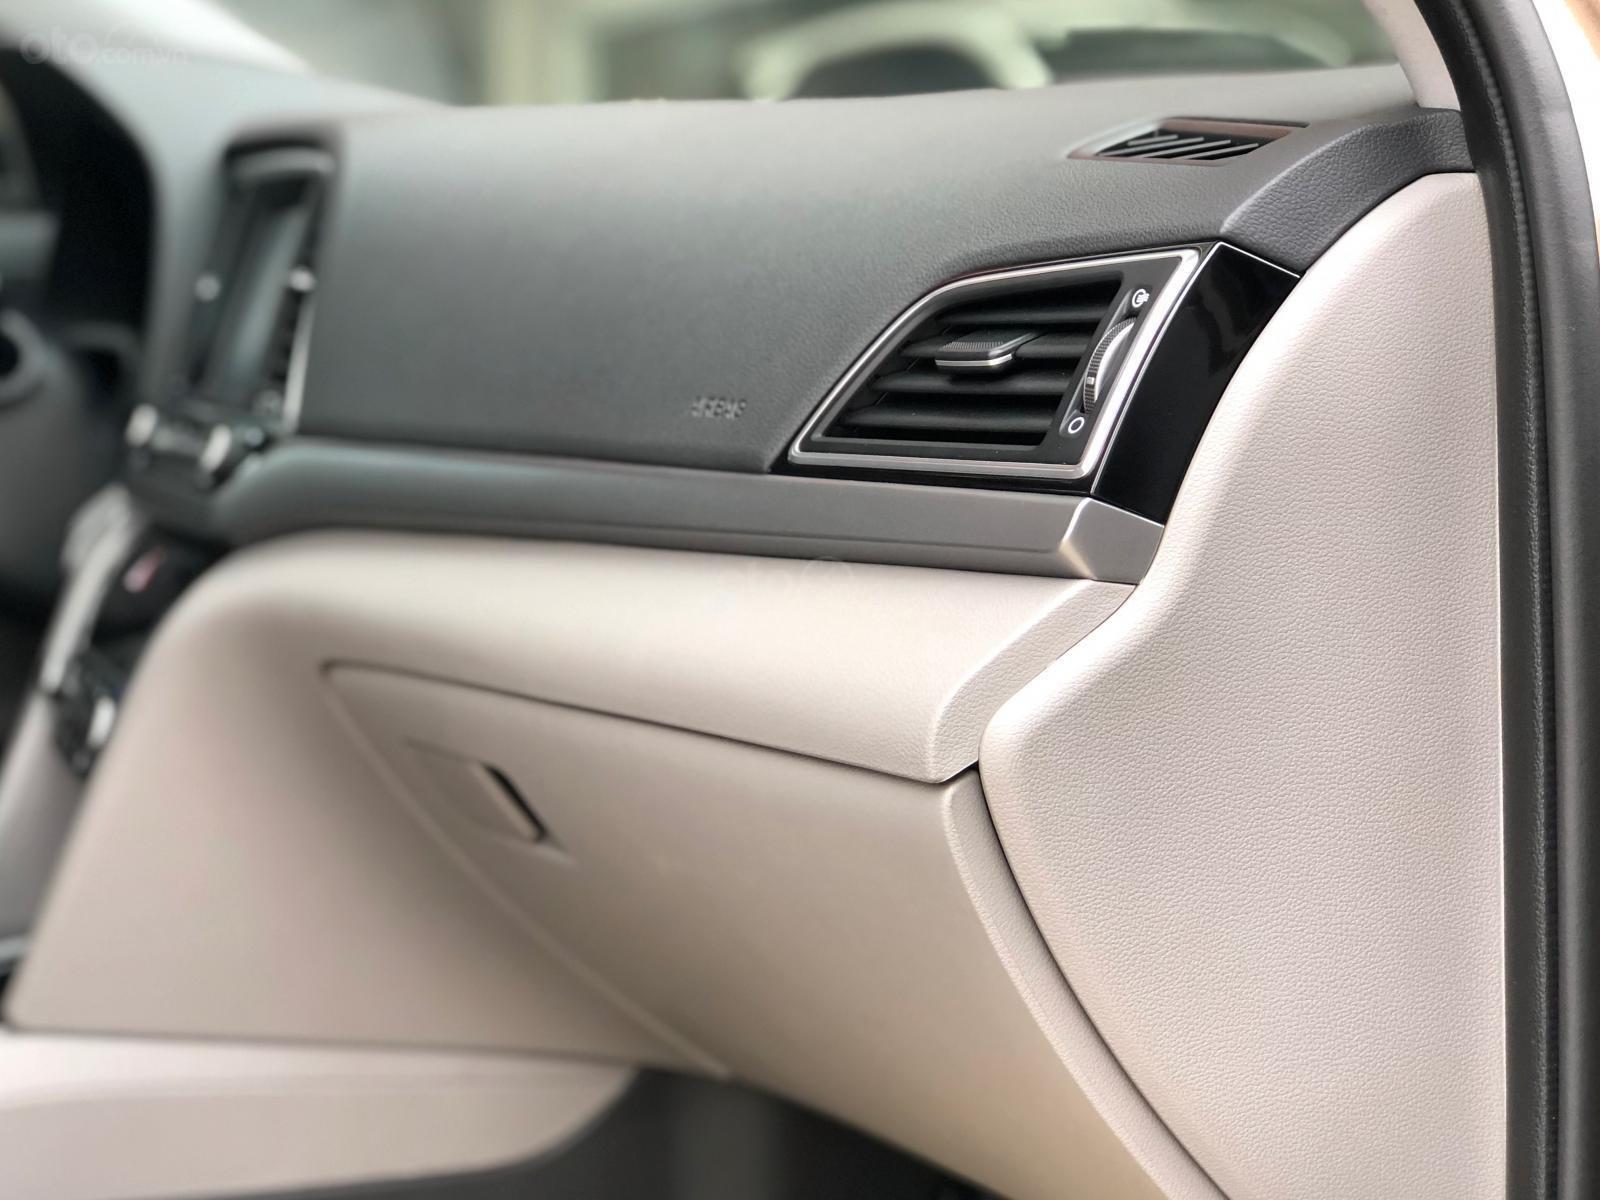 Cần bán gấp Hyundai Elantra 2.0 GLS 2018, màu nâu chính chủ (12)